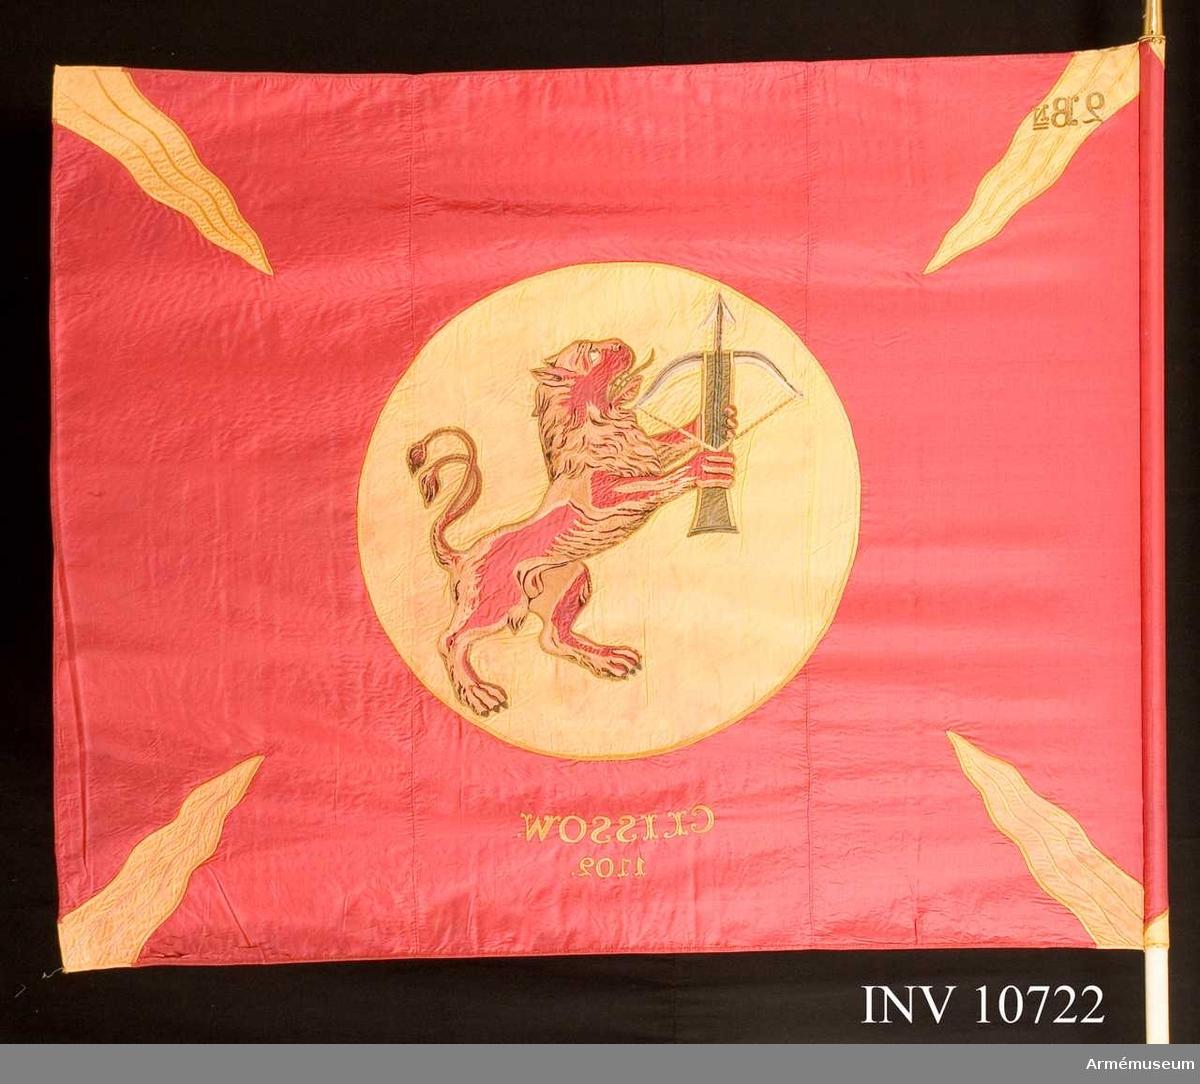 Grupp B.  Utdelad till regementet 1866. Duken är av rött siden med gula flammor i hörnen. På mitten ett gult fält med det uppresta lejonet som i tassarna håller ett uppspännt armborst. Under cirkeln broderat: Clissow 1702.